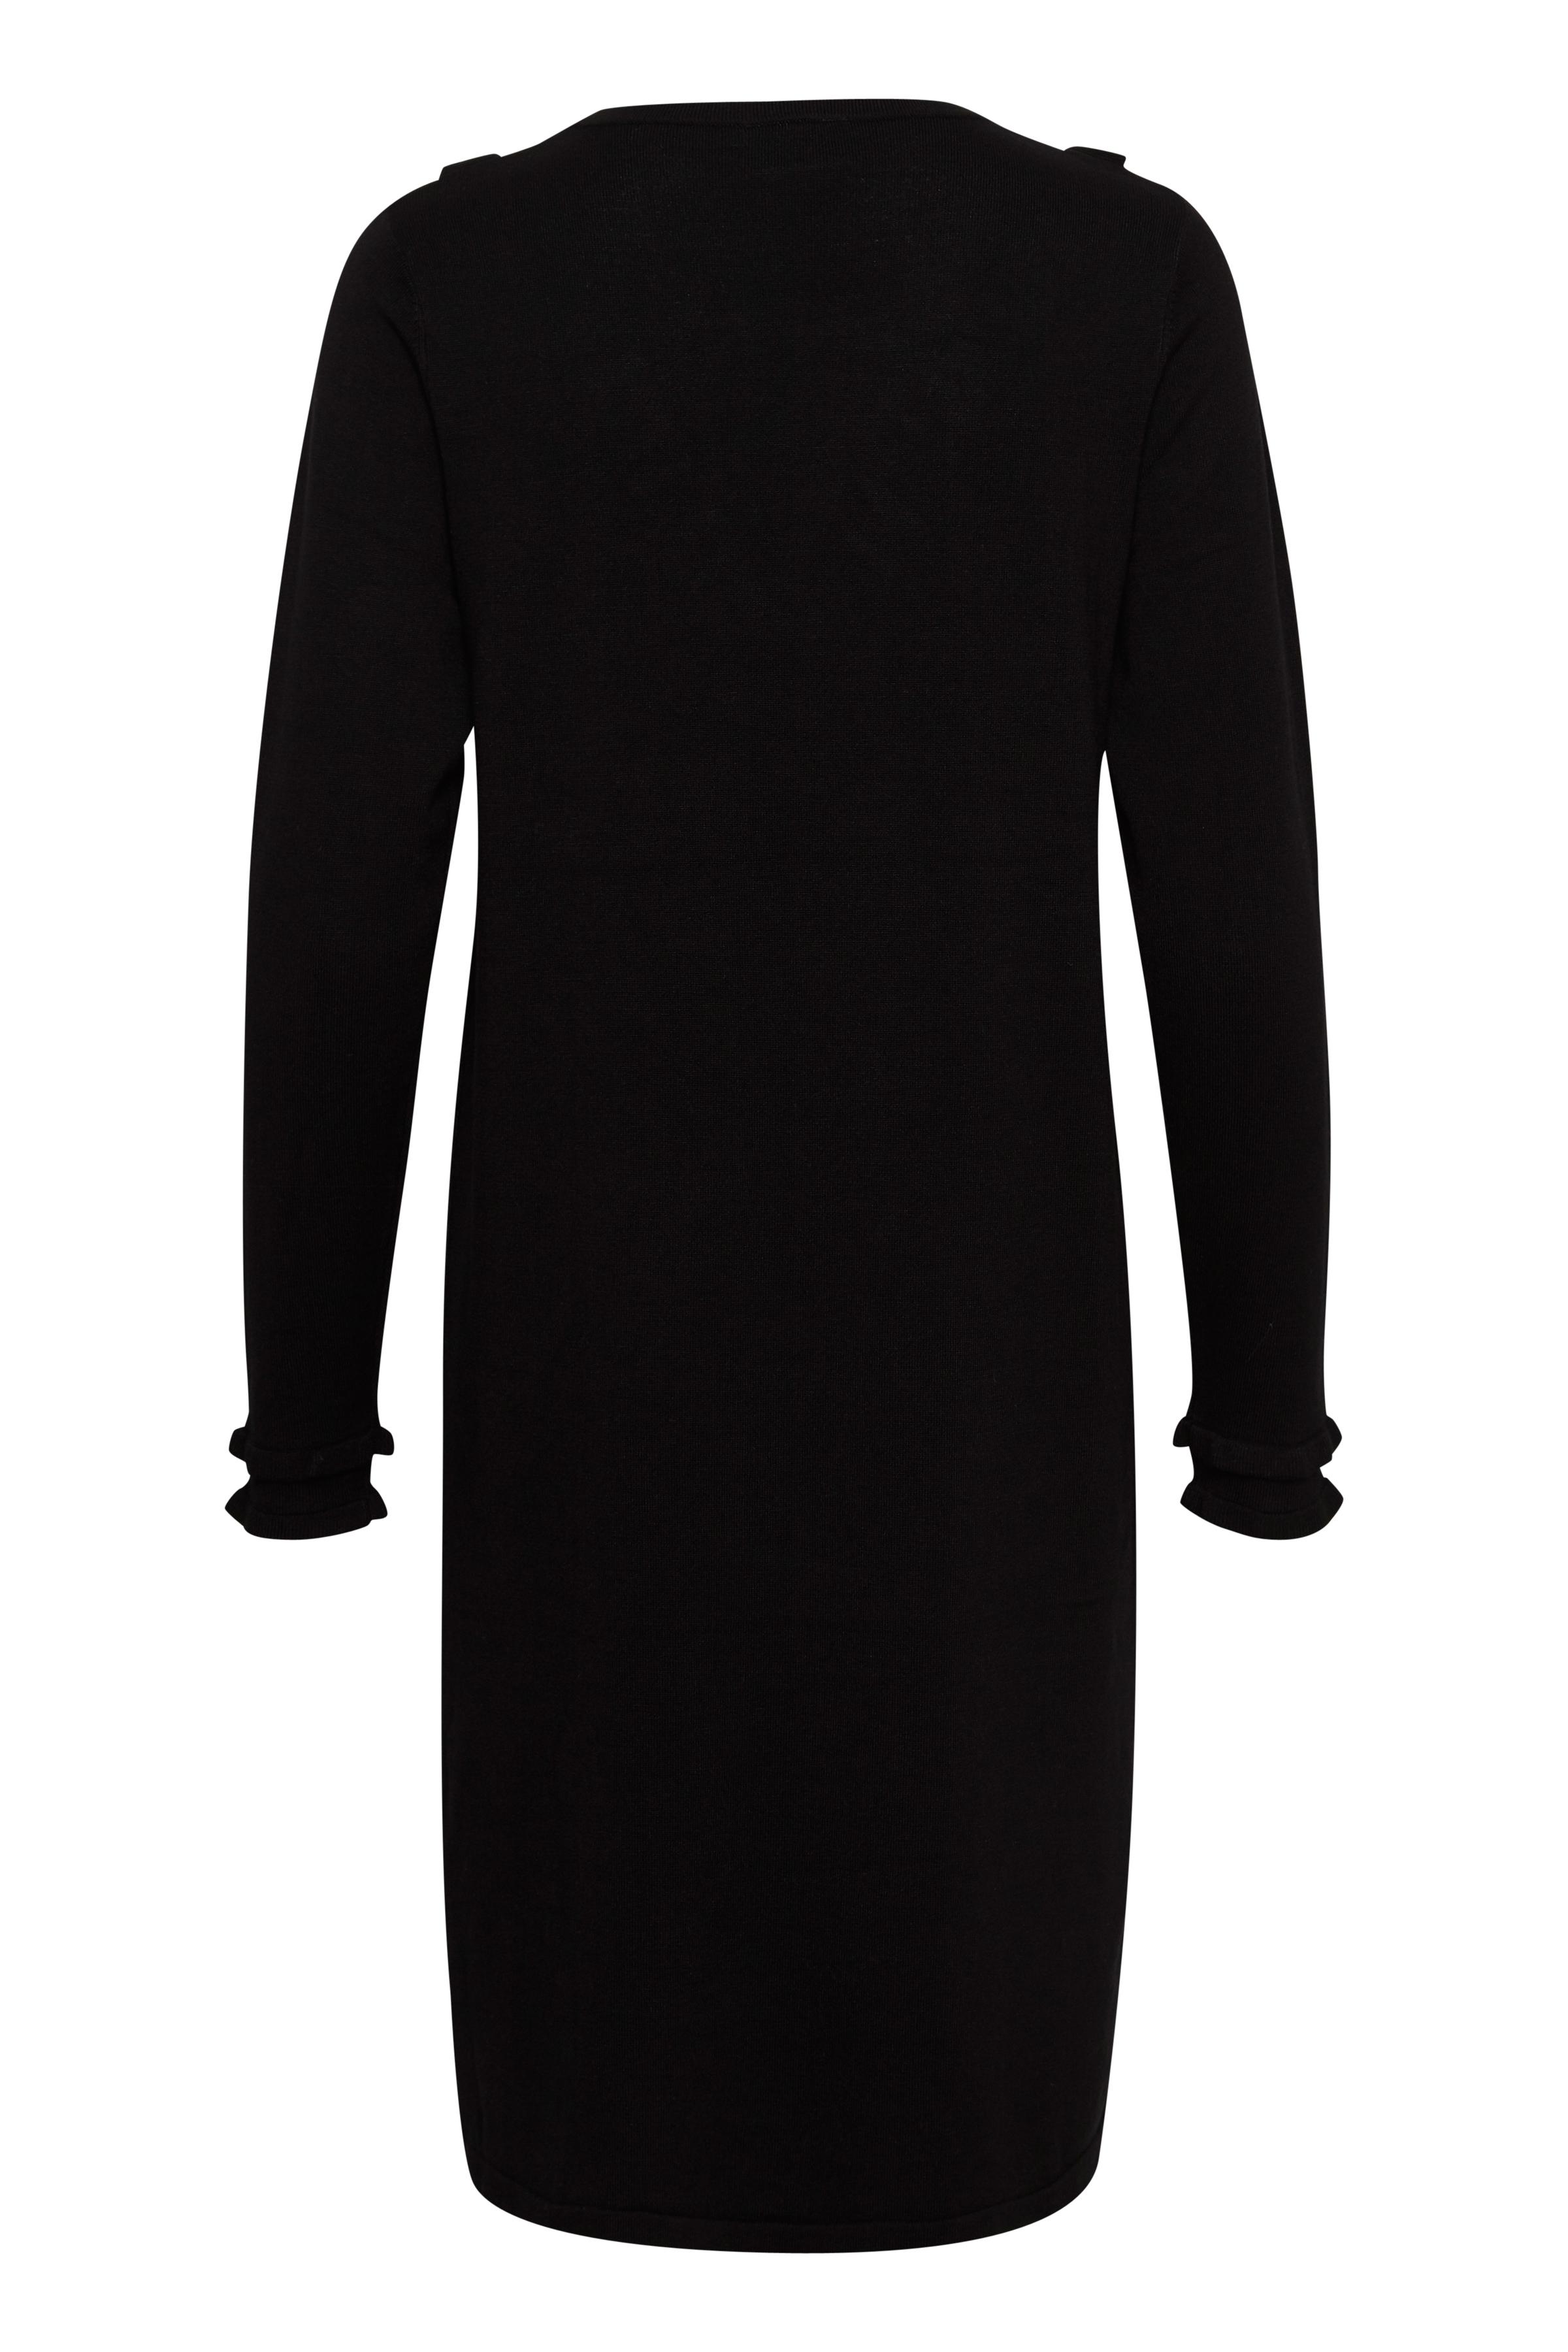 Zwart Gebreide jurk van Kaffe – Door Zwart Gebreide jurk van maat. L-XXL hier